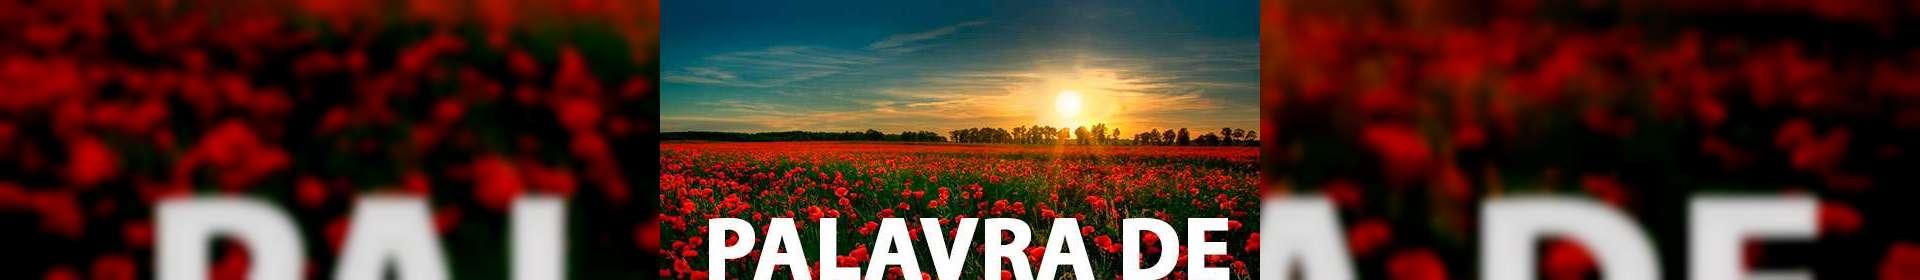 Salmos 3:6,8 - Uma Palavra de Esperança para sua vida